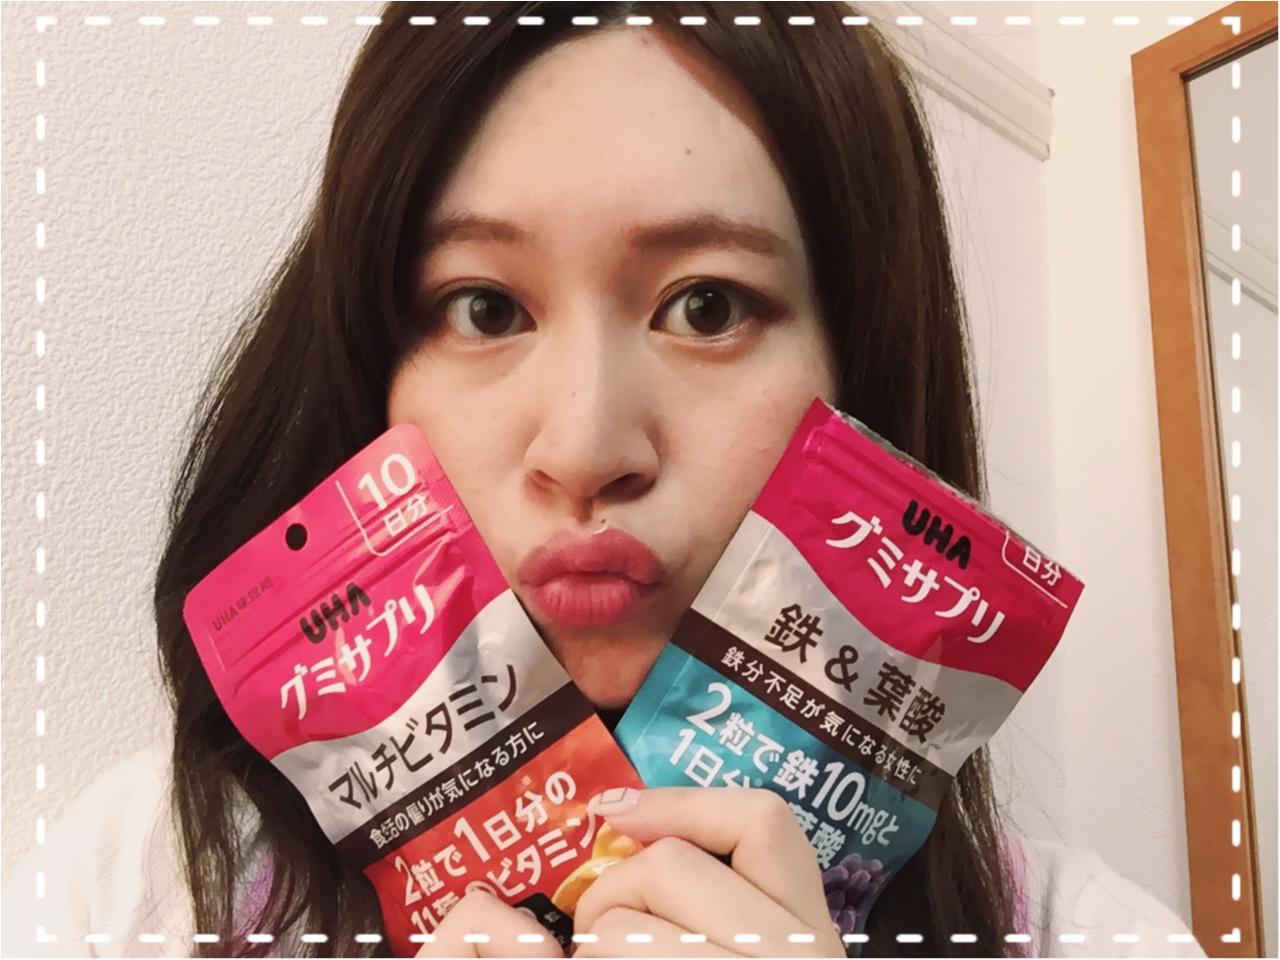 サプリはグミで摂る時代?私がグミサプリをおすすめする4つの理由♡hiiko_5